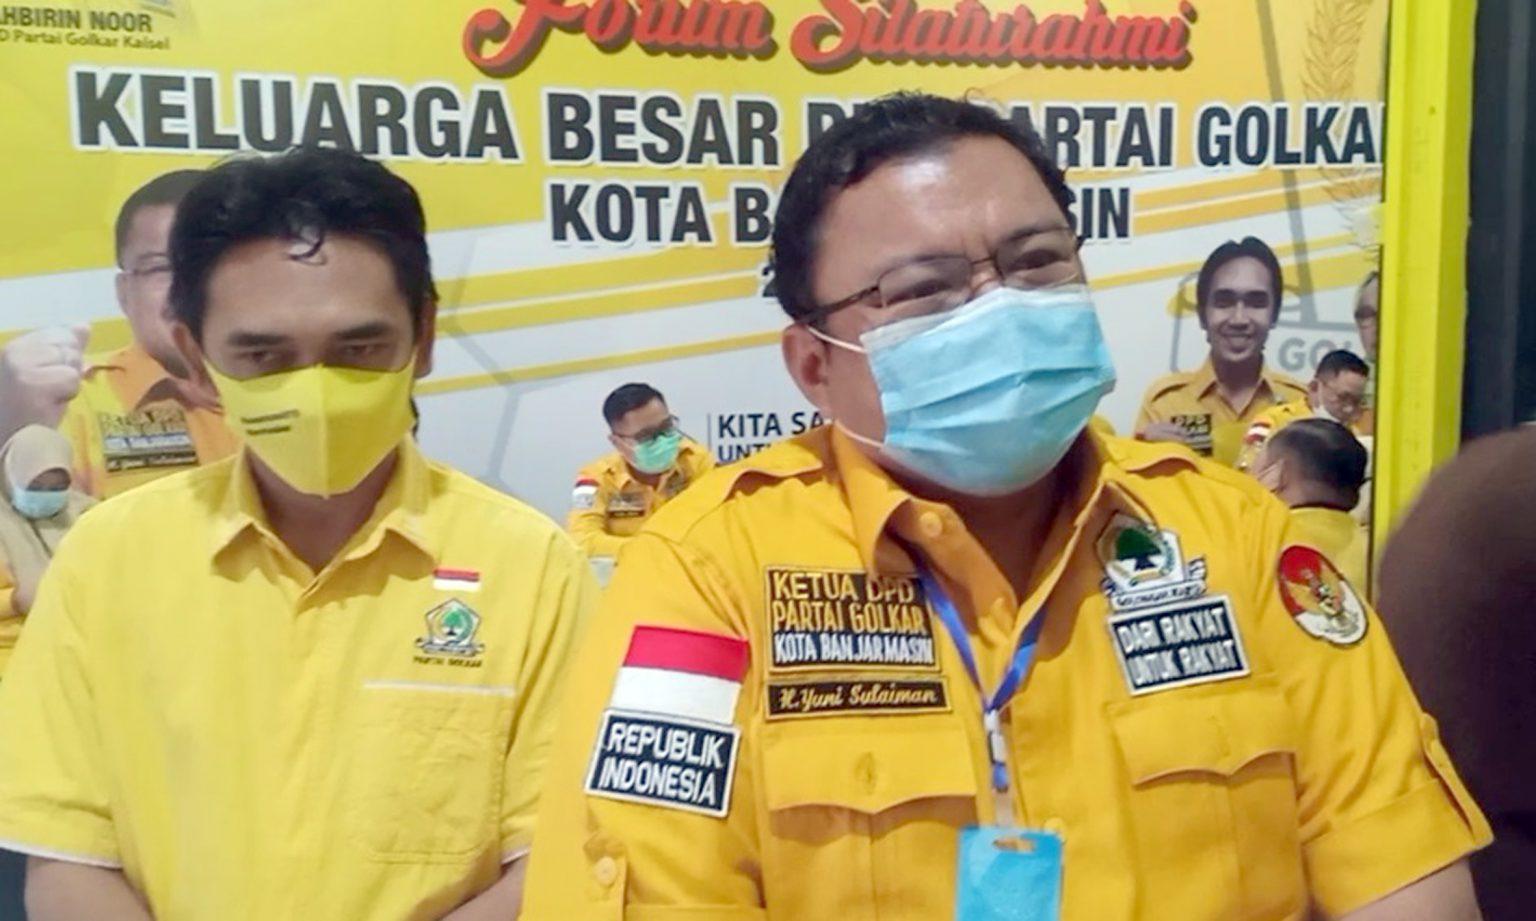 Rapat Pleno Golkar Banjarmasin Pilih Calon Wakil Ketua DPRD Pengganti Ananda, Ini 3 Namanya